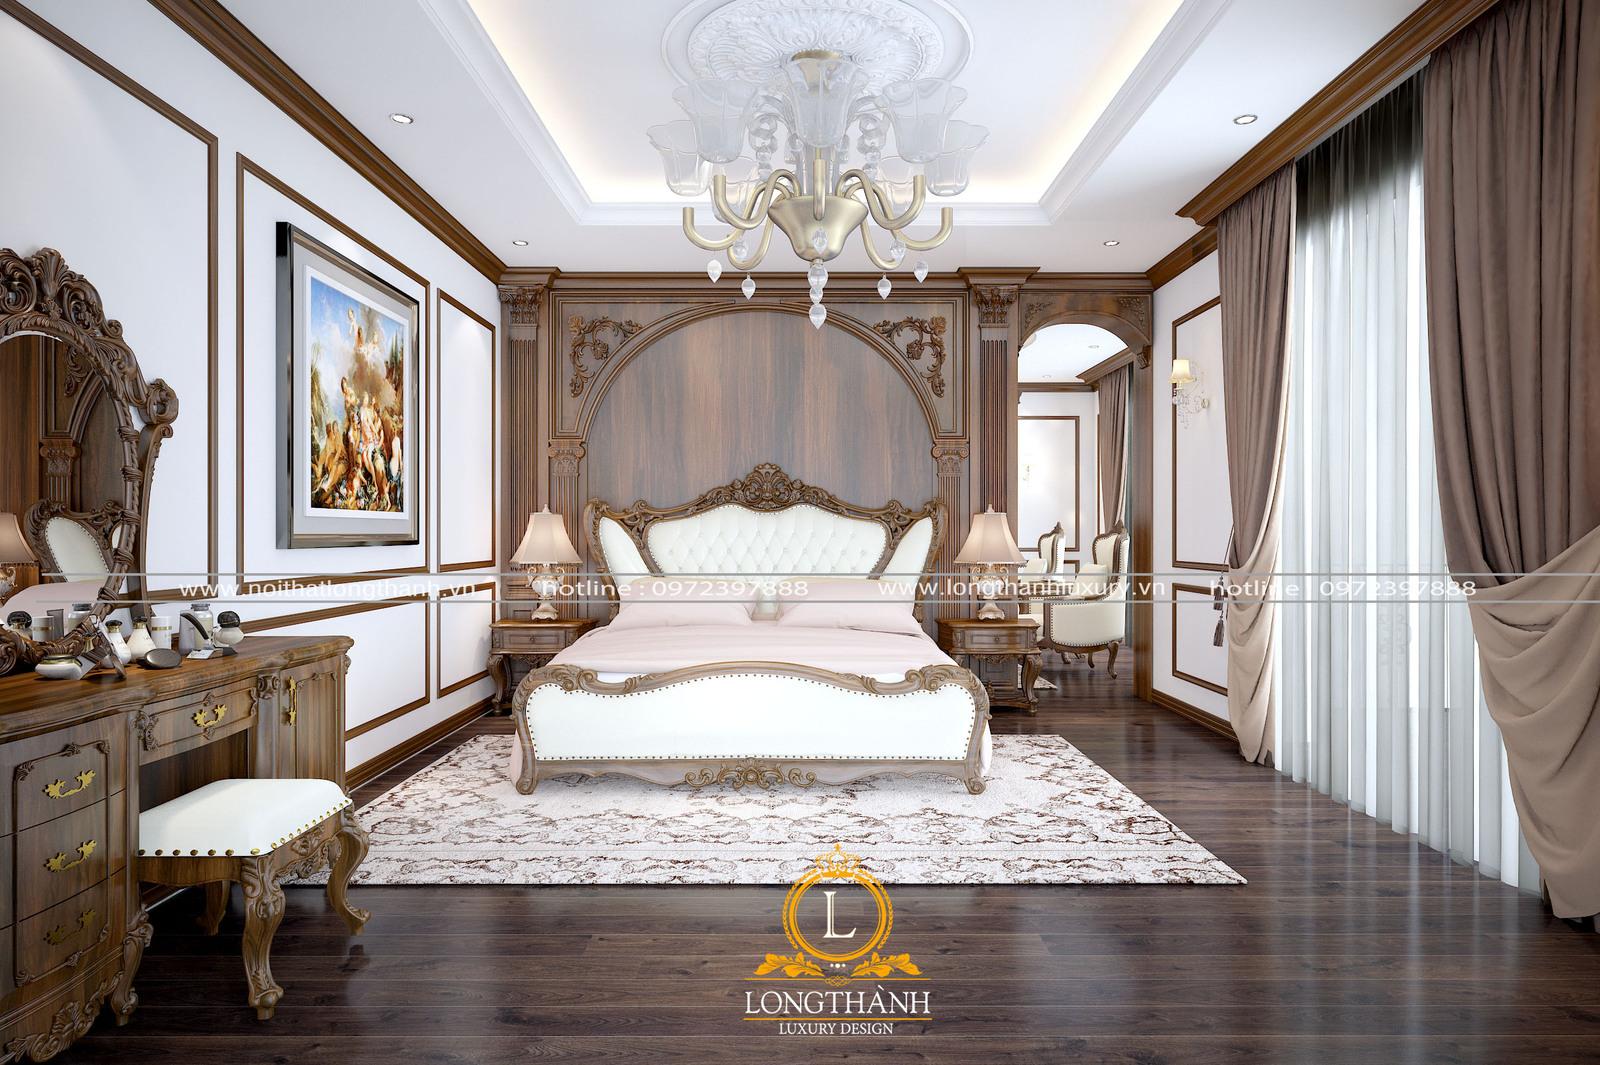 Mẫu phòng ngủ tân cổ điển hot nhất cho năm nay